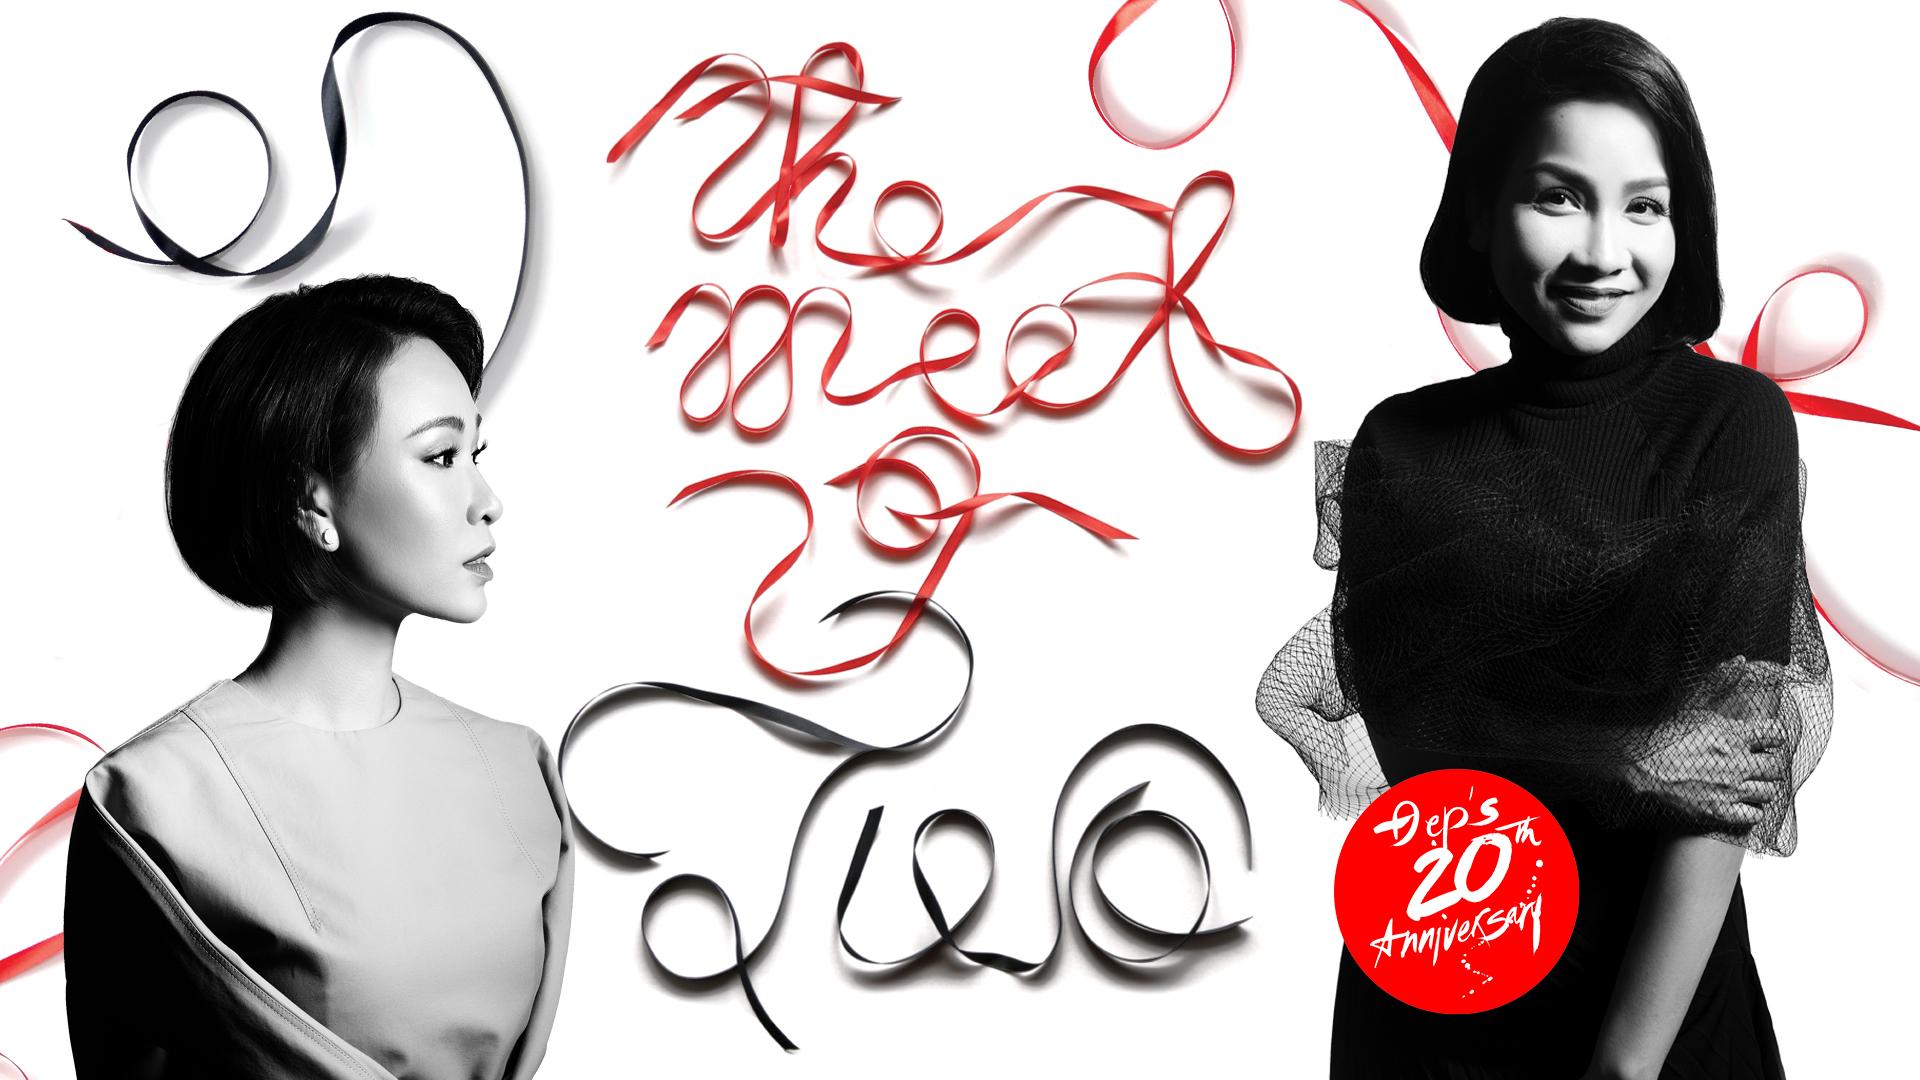 The meet of two – Cuộc gặp gỡ đặc biệt mang tên Đẹp 20